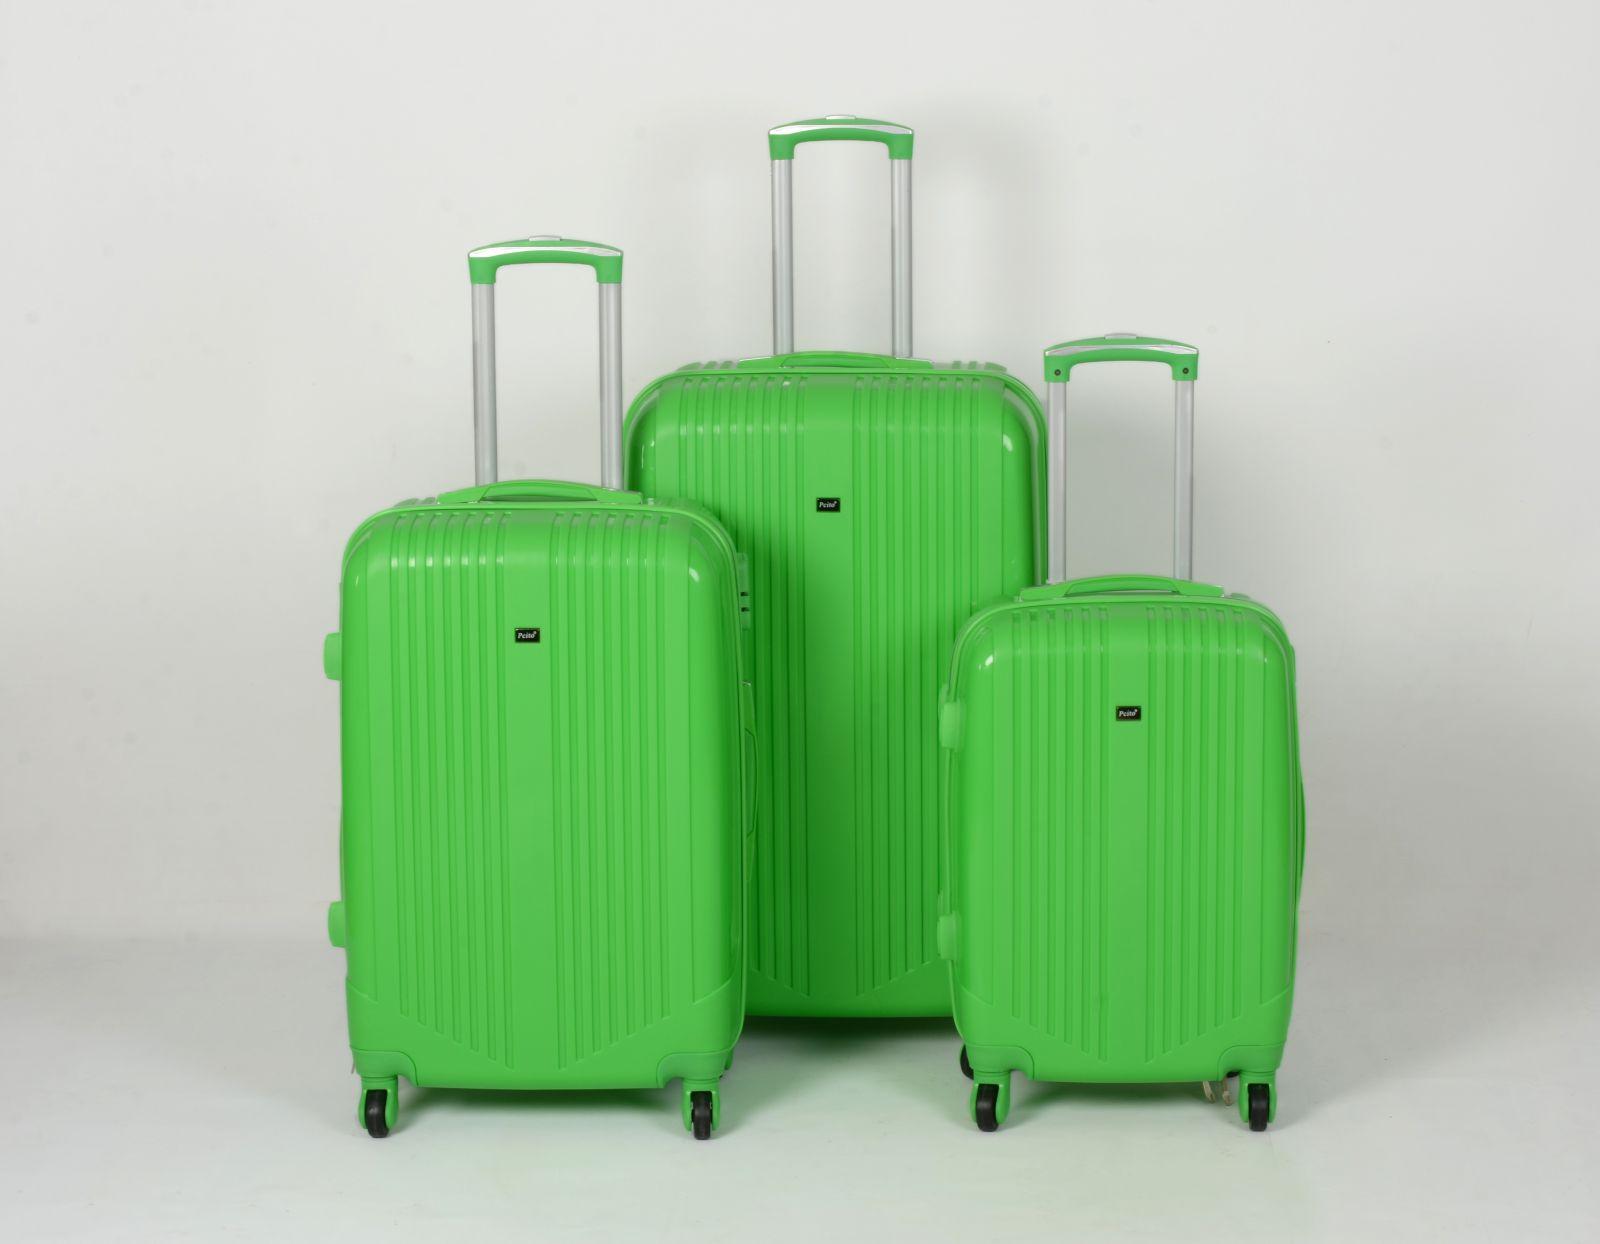 Cestovní kufry sada ABS Trolleykoffer TR-A27 zelená